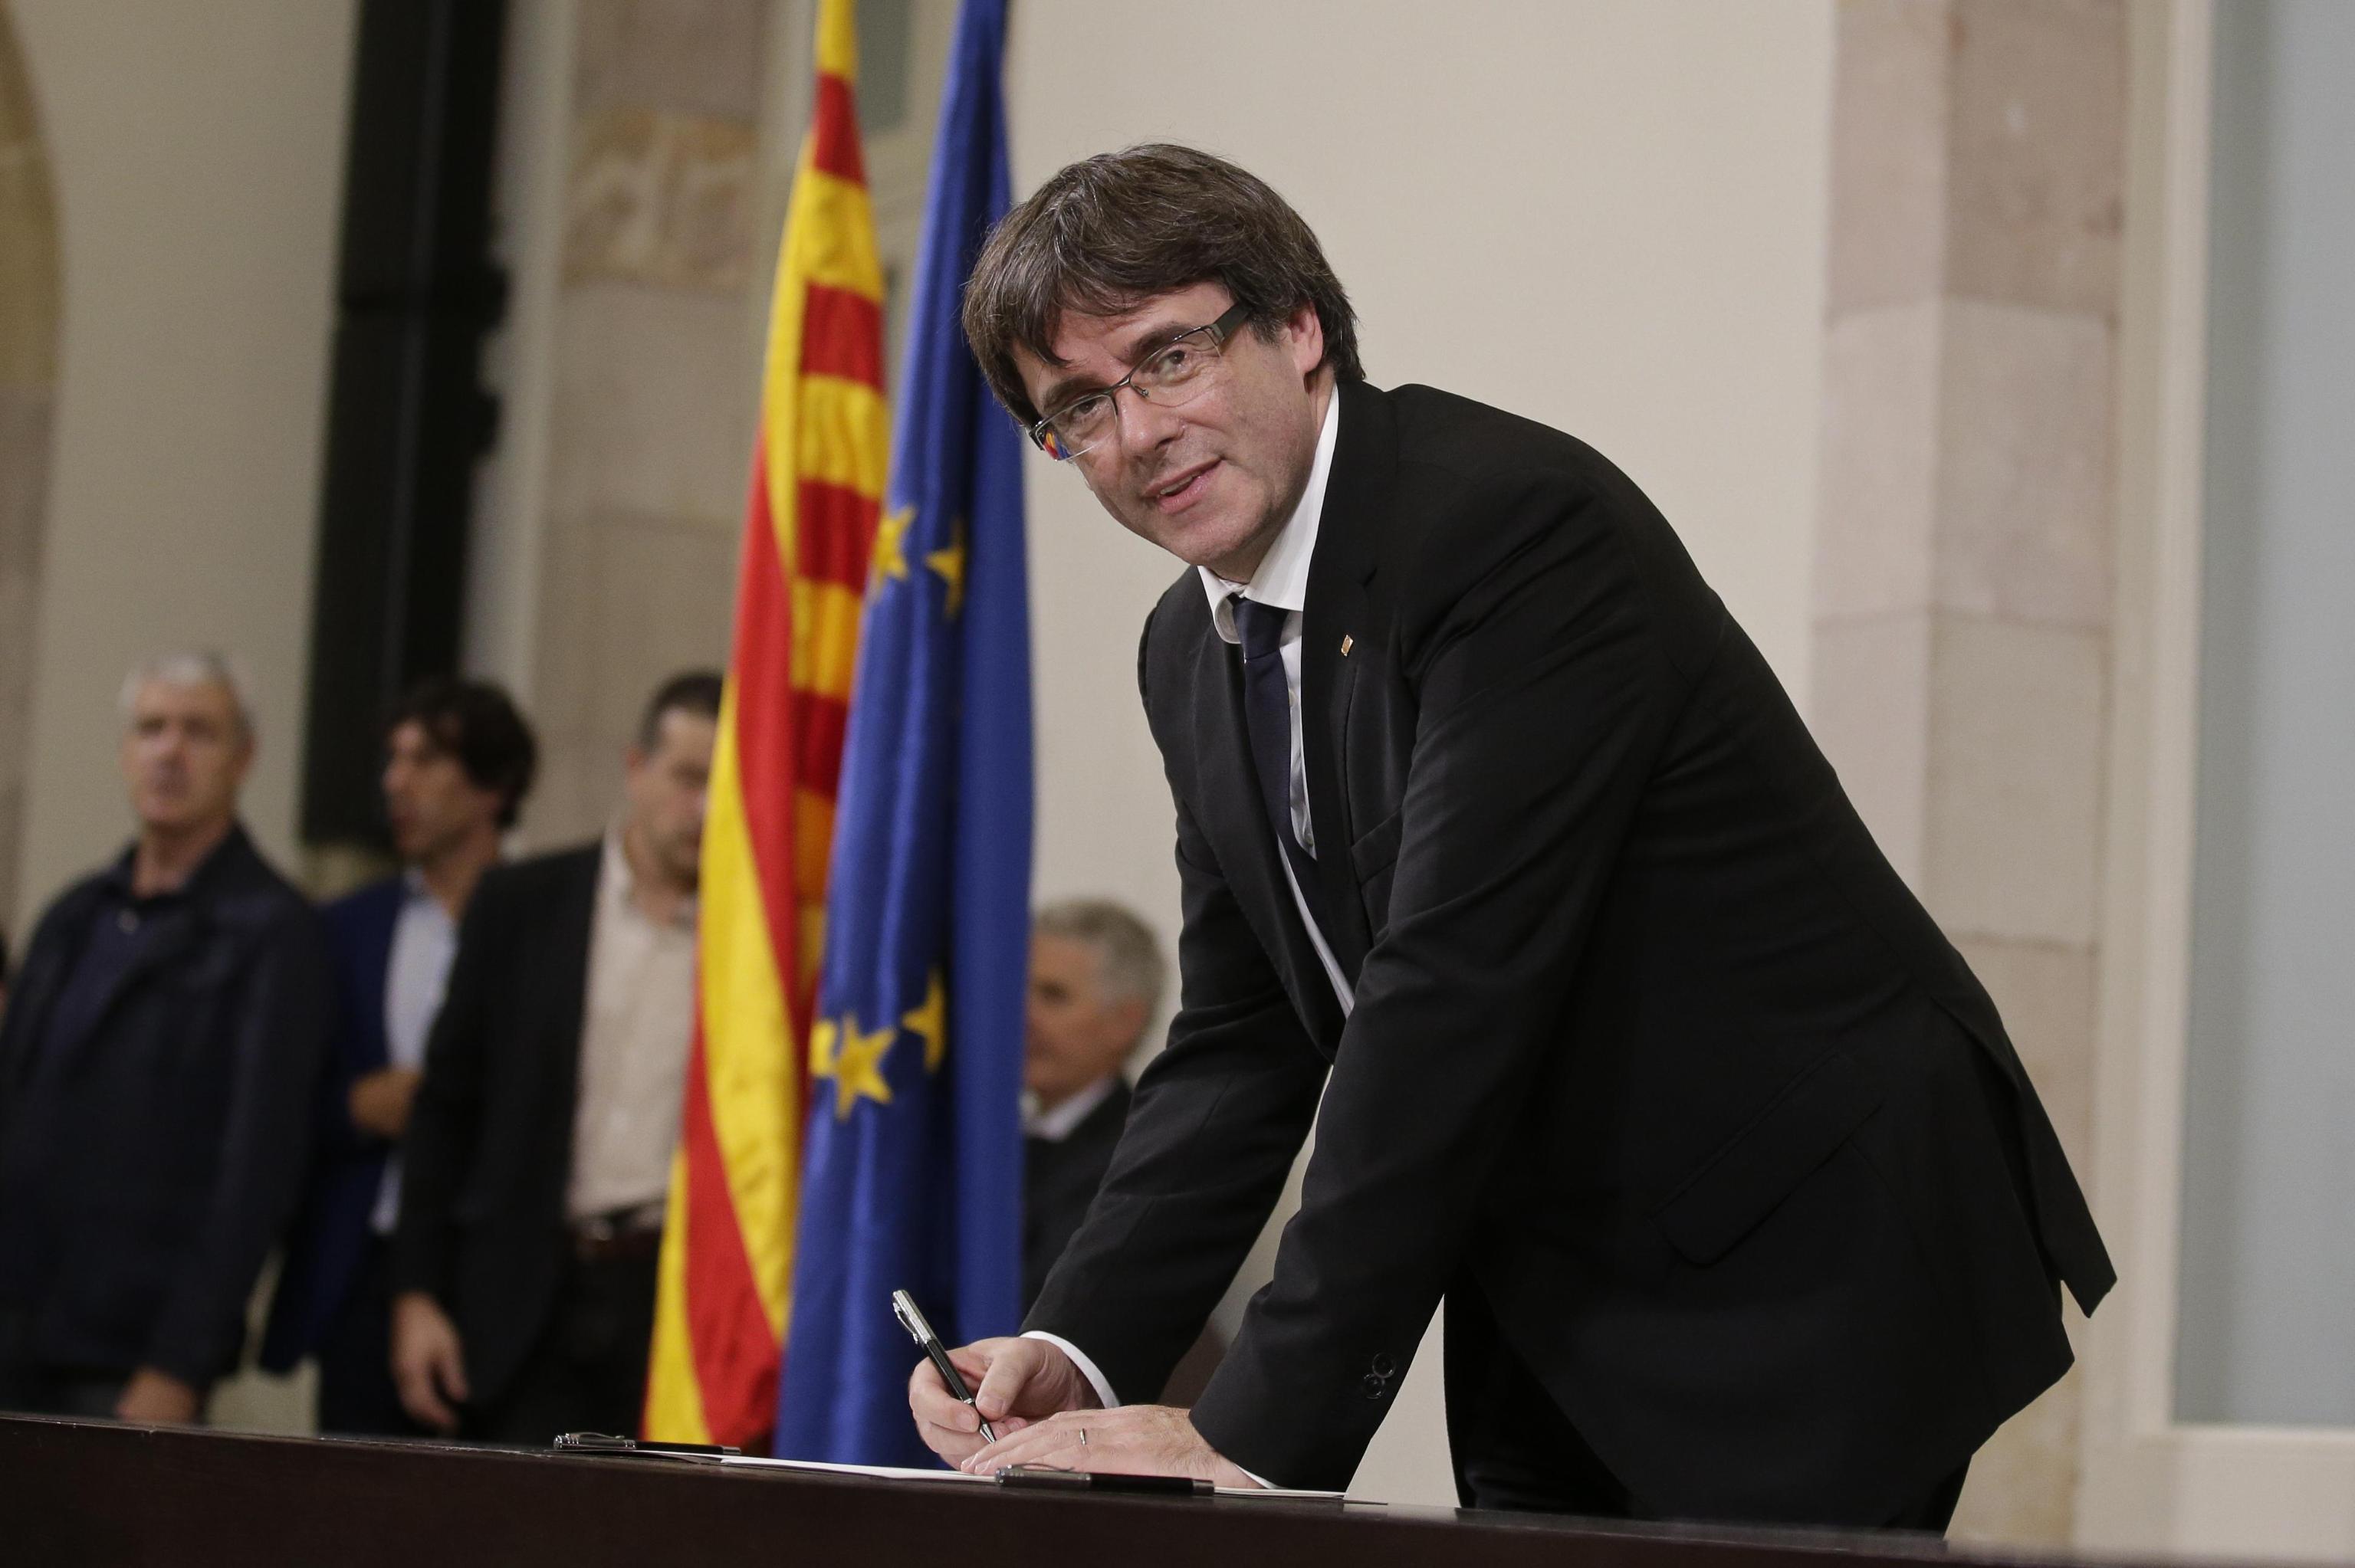 ++ Catalogna: Pudgemont firma dichiarazione indipendenza ++